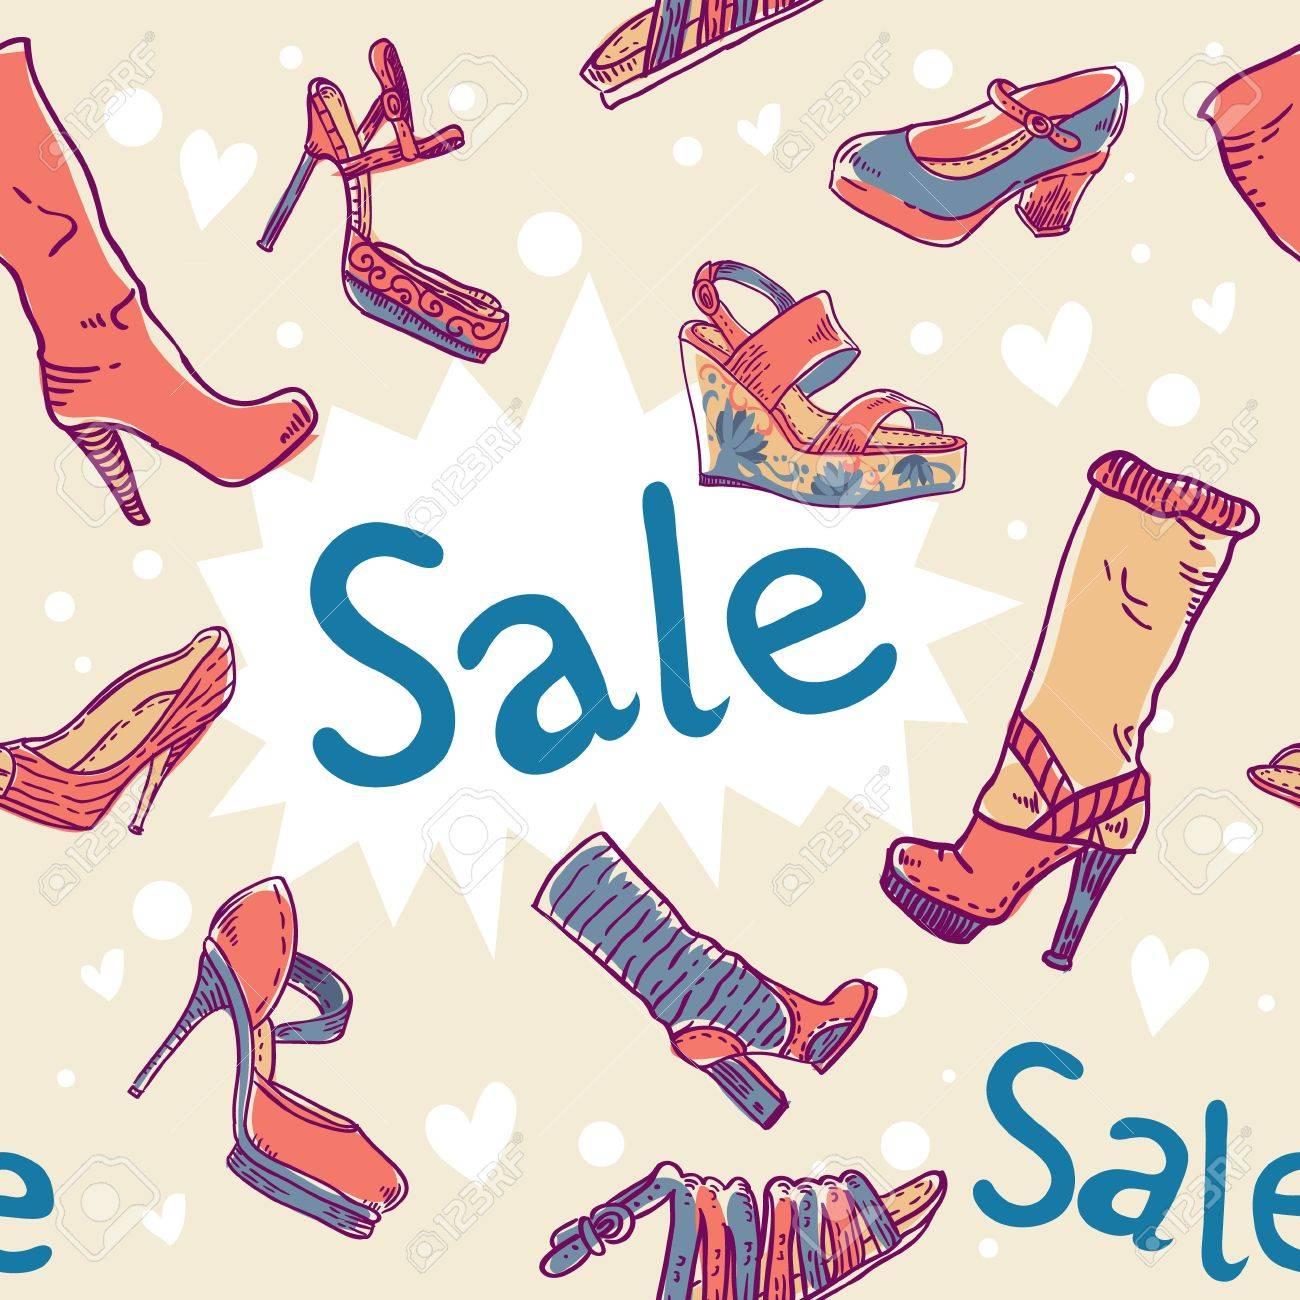 Branded-Ladies-Footwear-for-Eid-Discount-Shoes-Sandals-0011.jpg